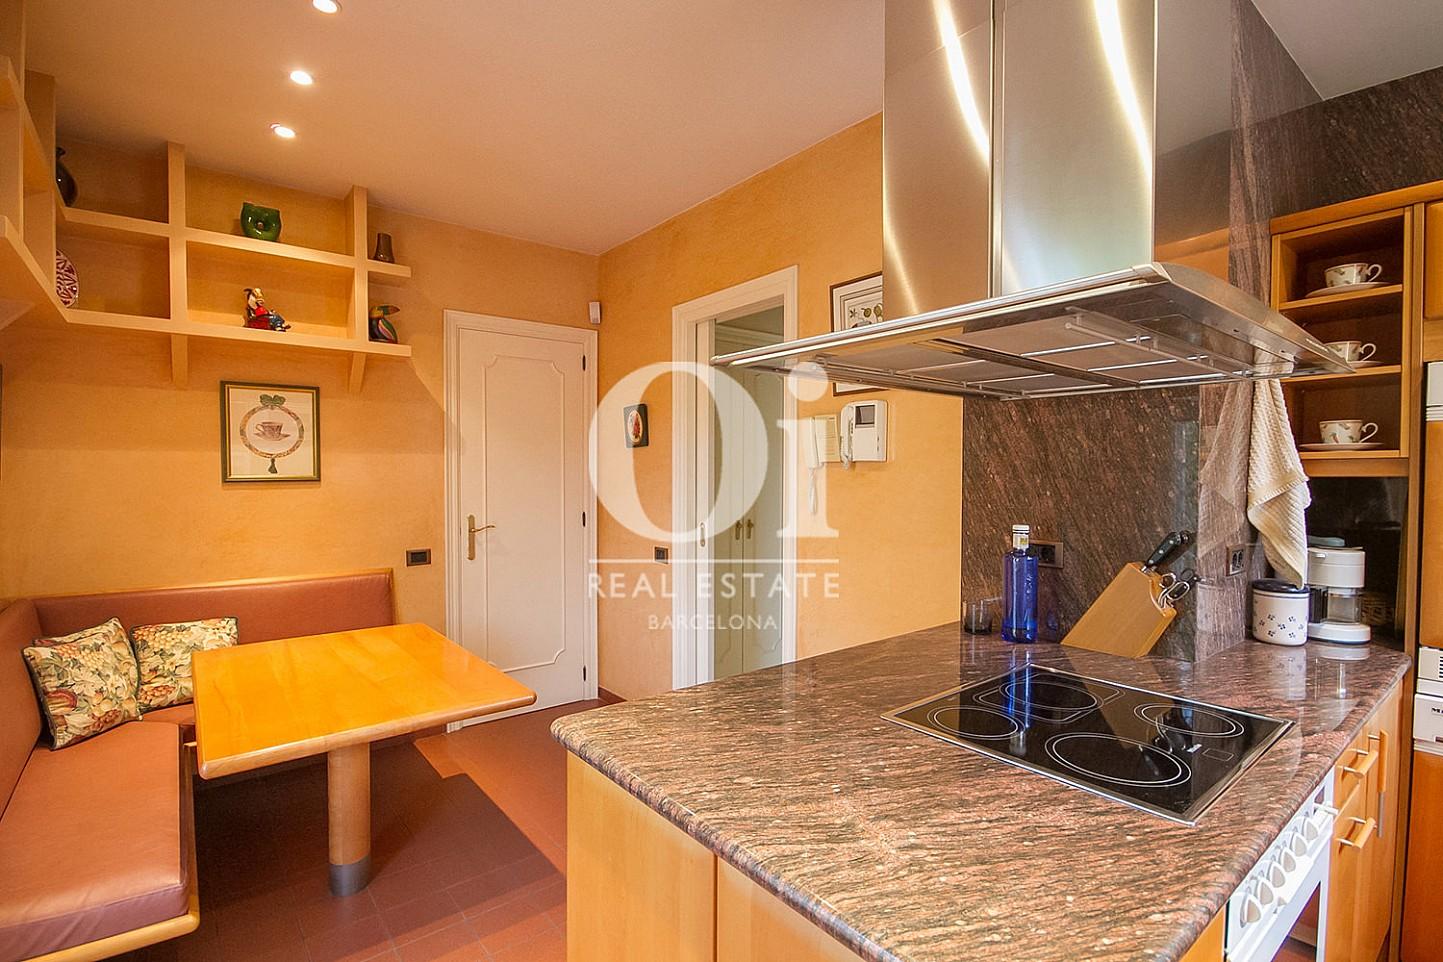 vista de cocina office en casa en venta en la zona alta de Barcelona